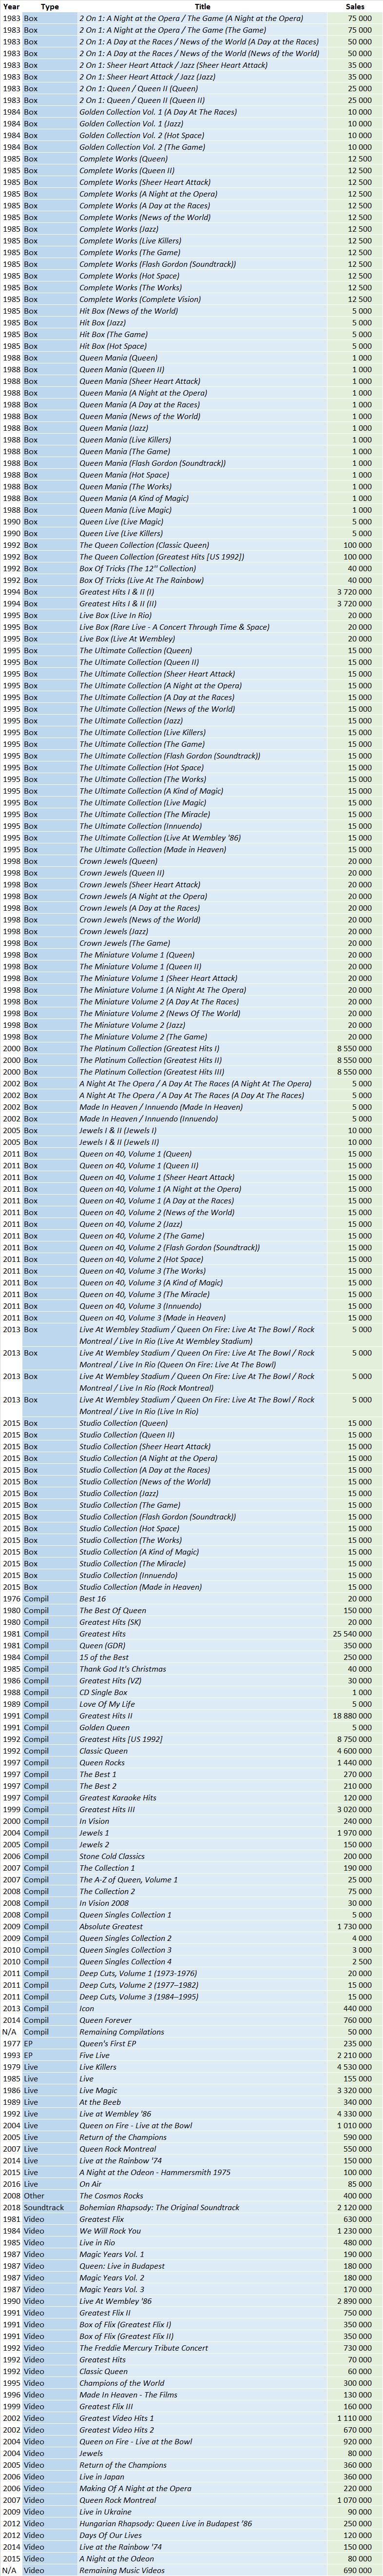 CSPC Queen compilation sales list